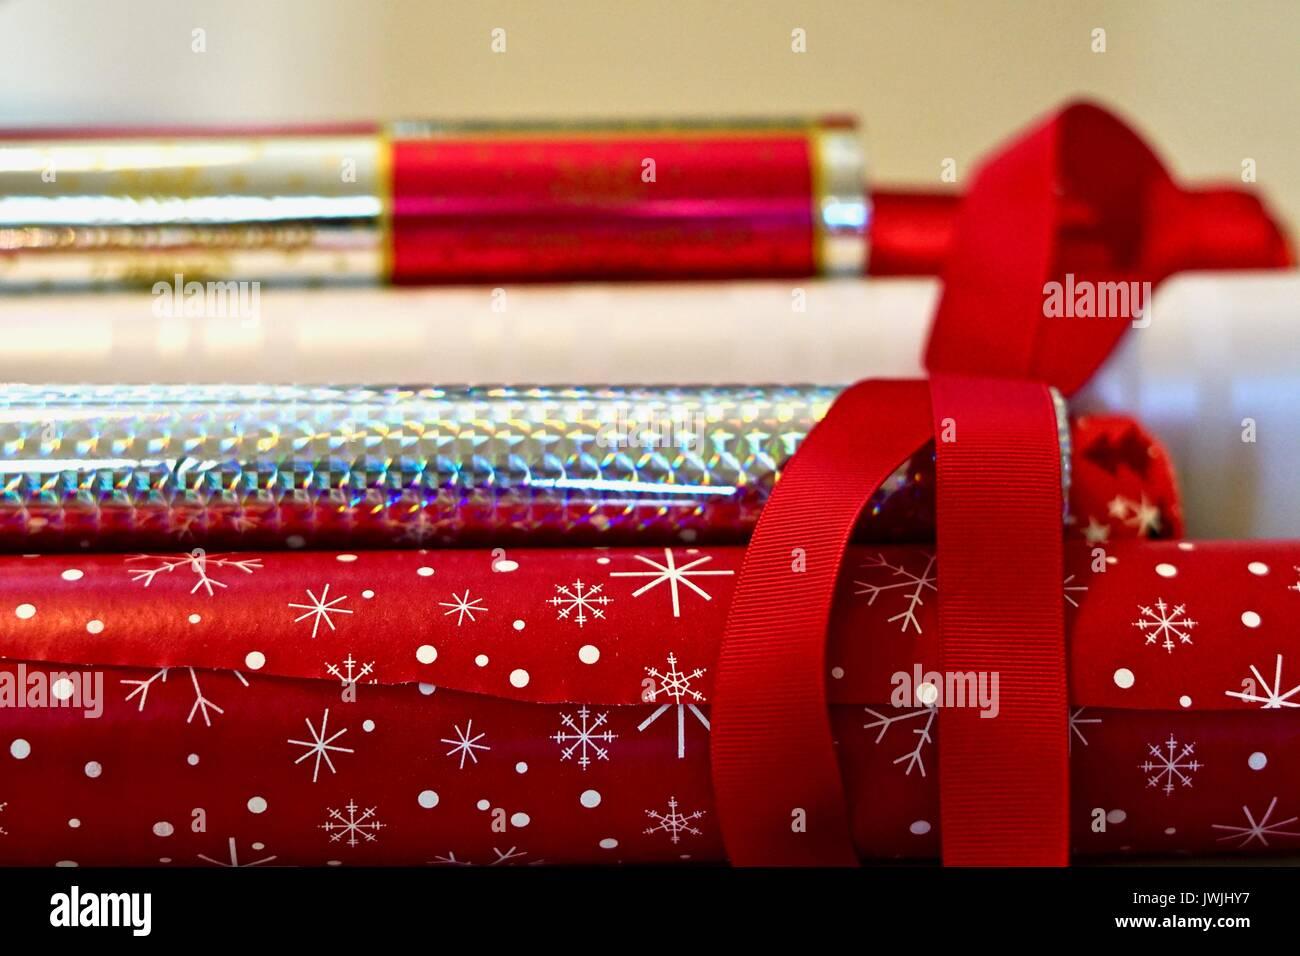 Pile horizontale rouge et argent de rouleaux de papier d'emballage Photo Stock